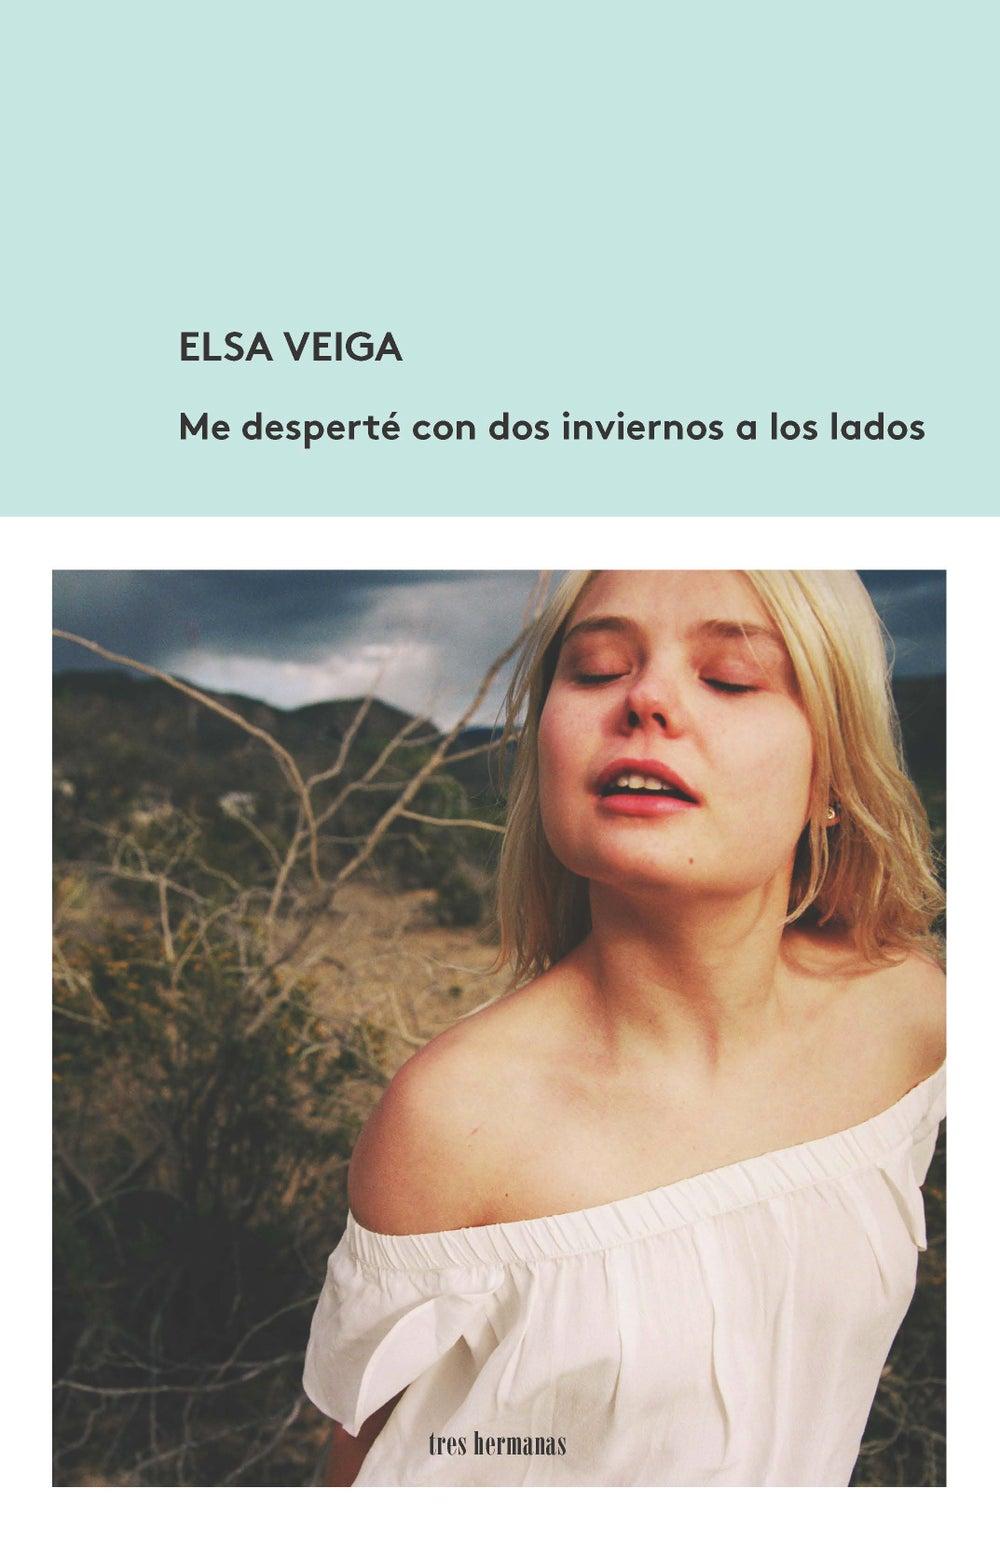 Libro 'Me desperté con dos inviernos a los lados' de Elsa Veiga